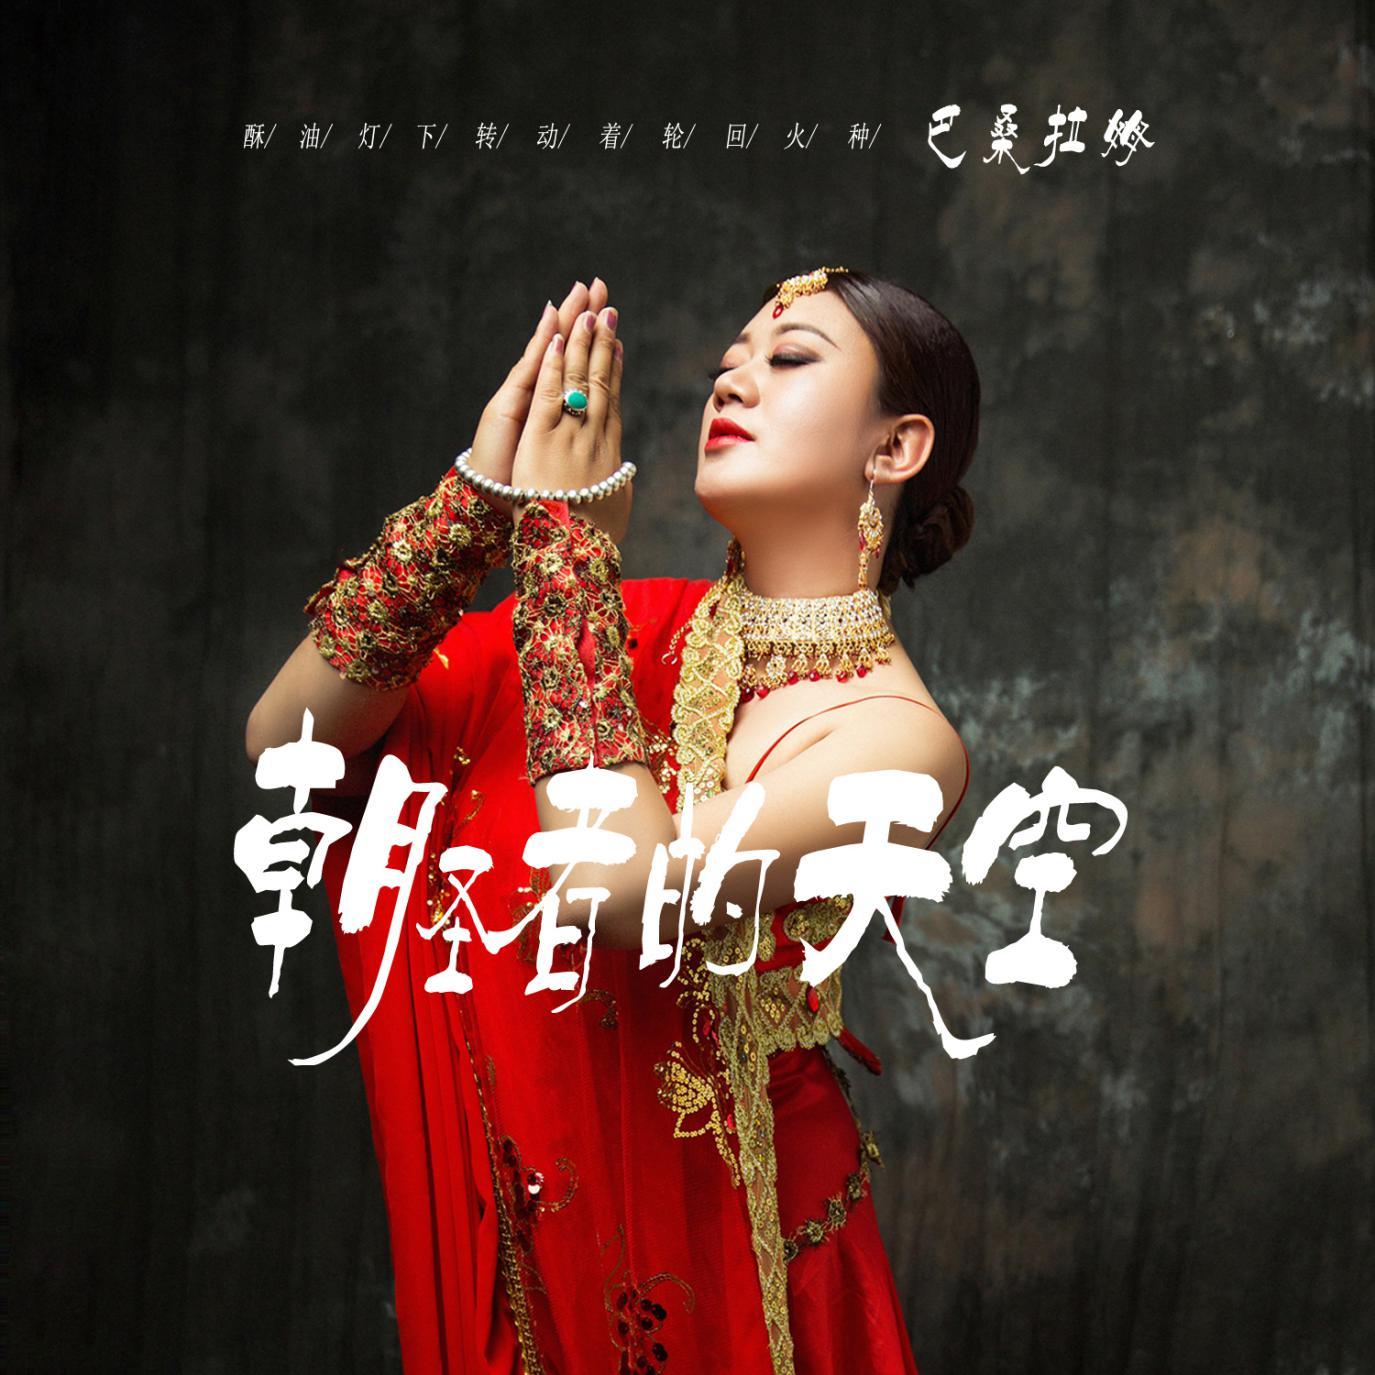 藏族女高音歌手巴桑拉姆新歌《朝圣者的天空》上线